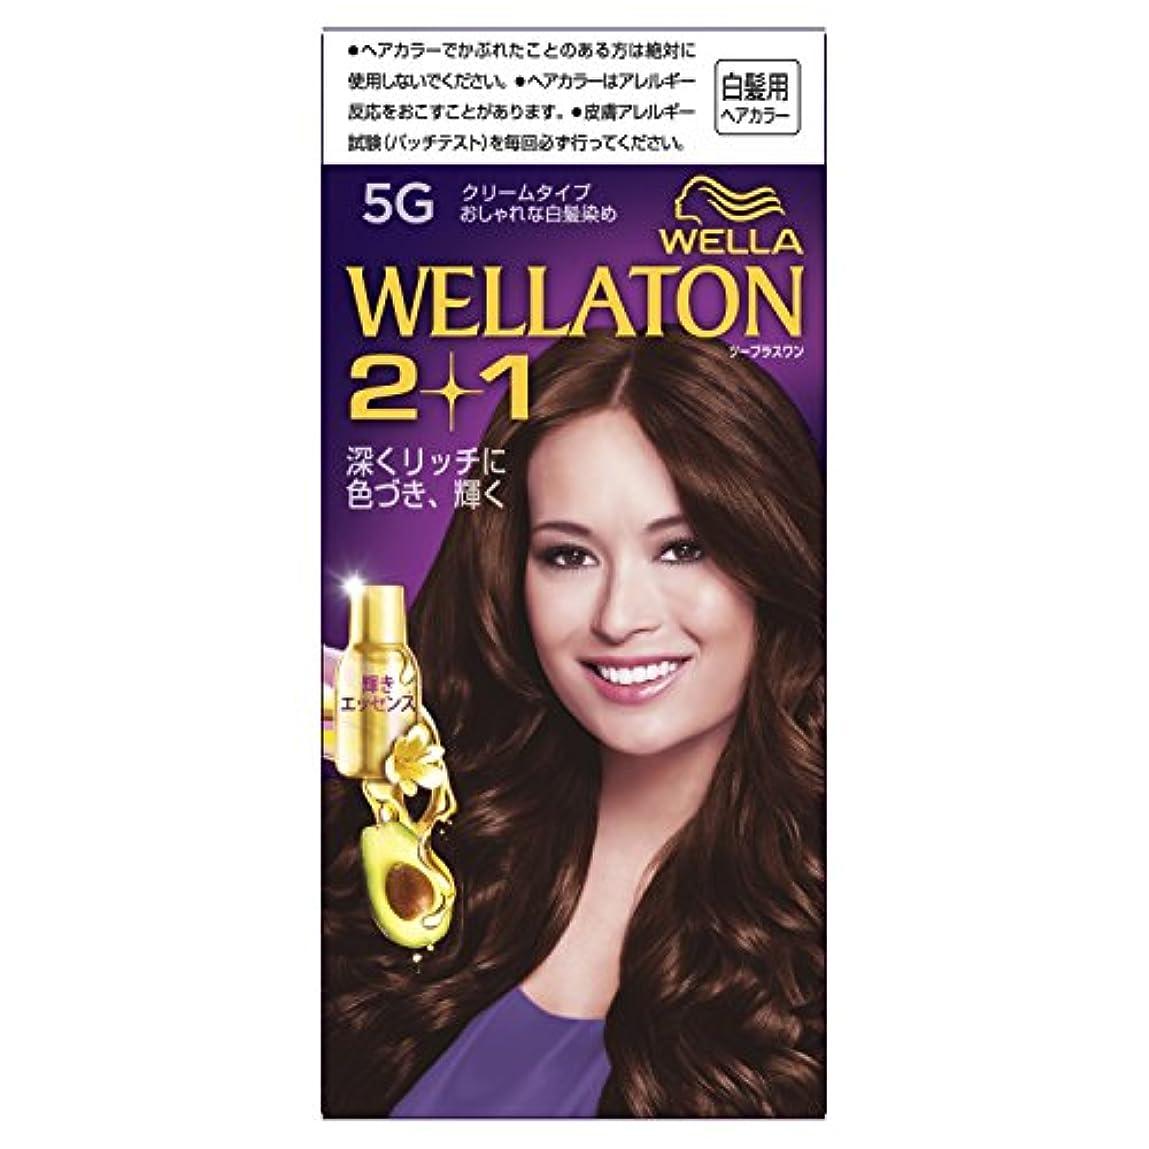 レール引用実用的ウエラトーン2+1 クリームタイプ 5G [医薬部外品](おしゃれな白髪染め)